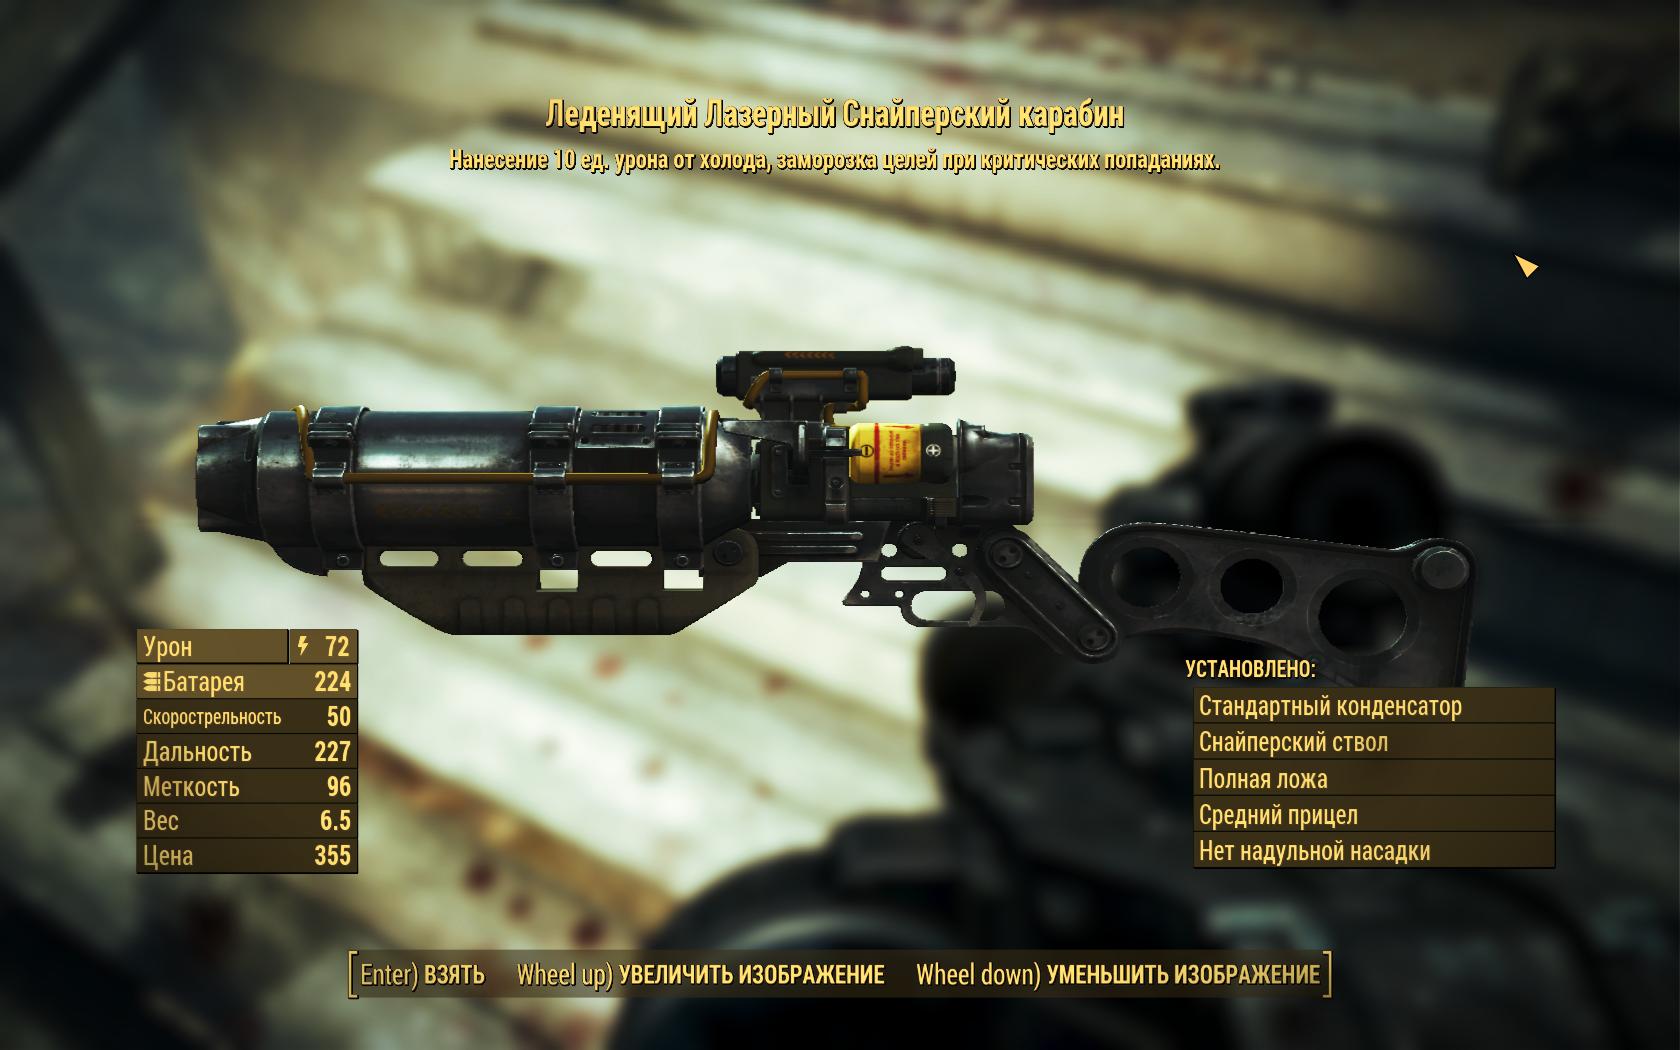 карабин - Fallout 4 лазерный, Леденящий, Оружие, снайперский